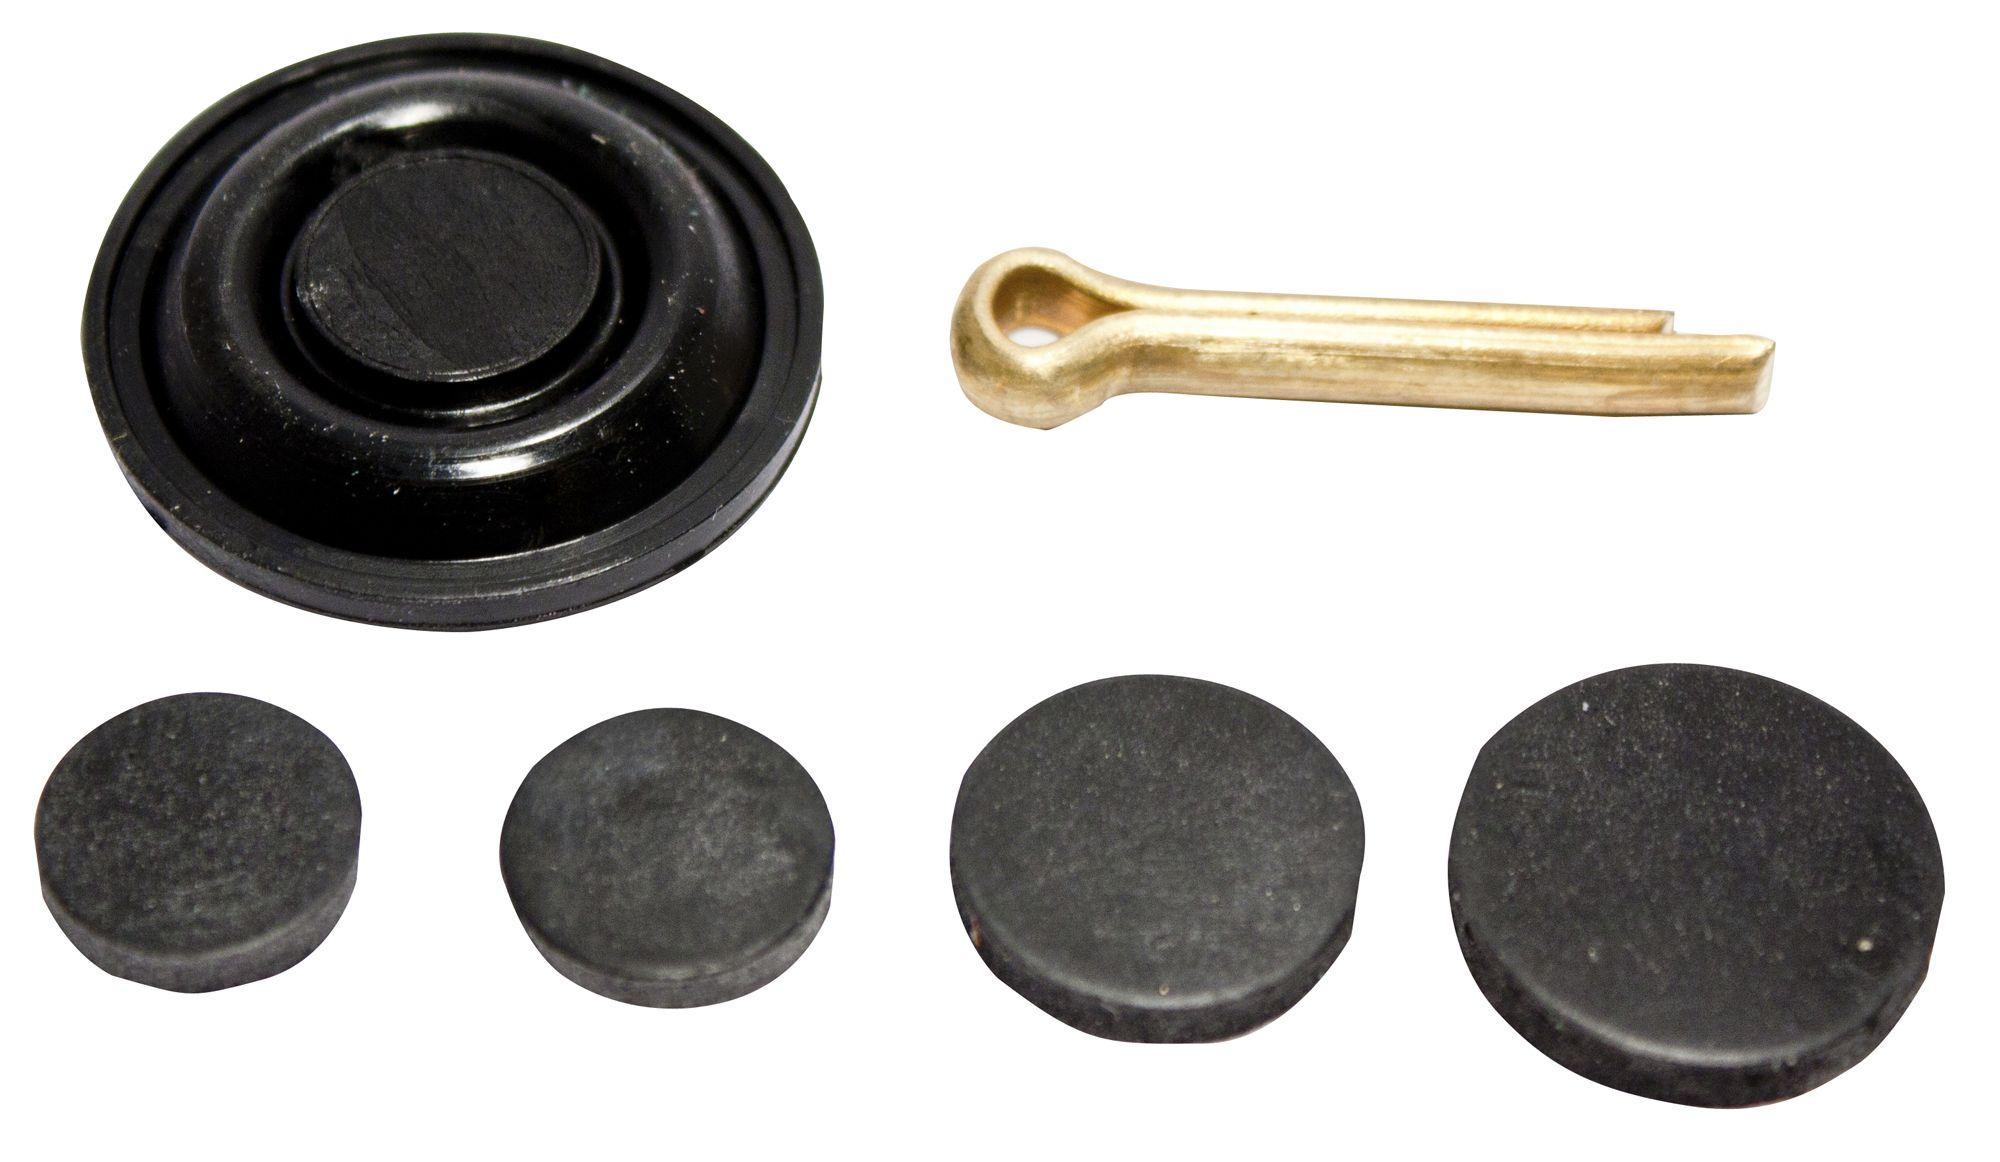 Plumbsure Universal Ballvalve Repair Kit Departments